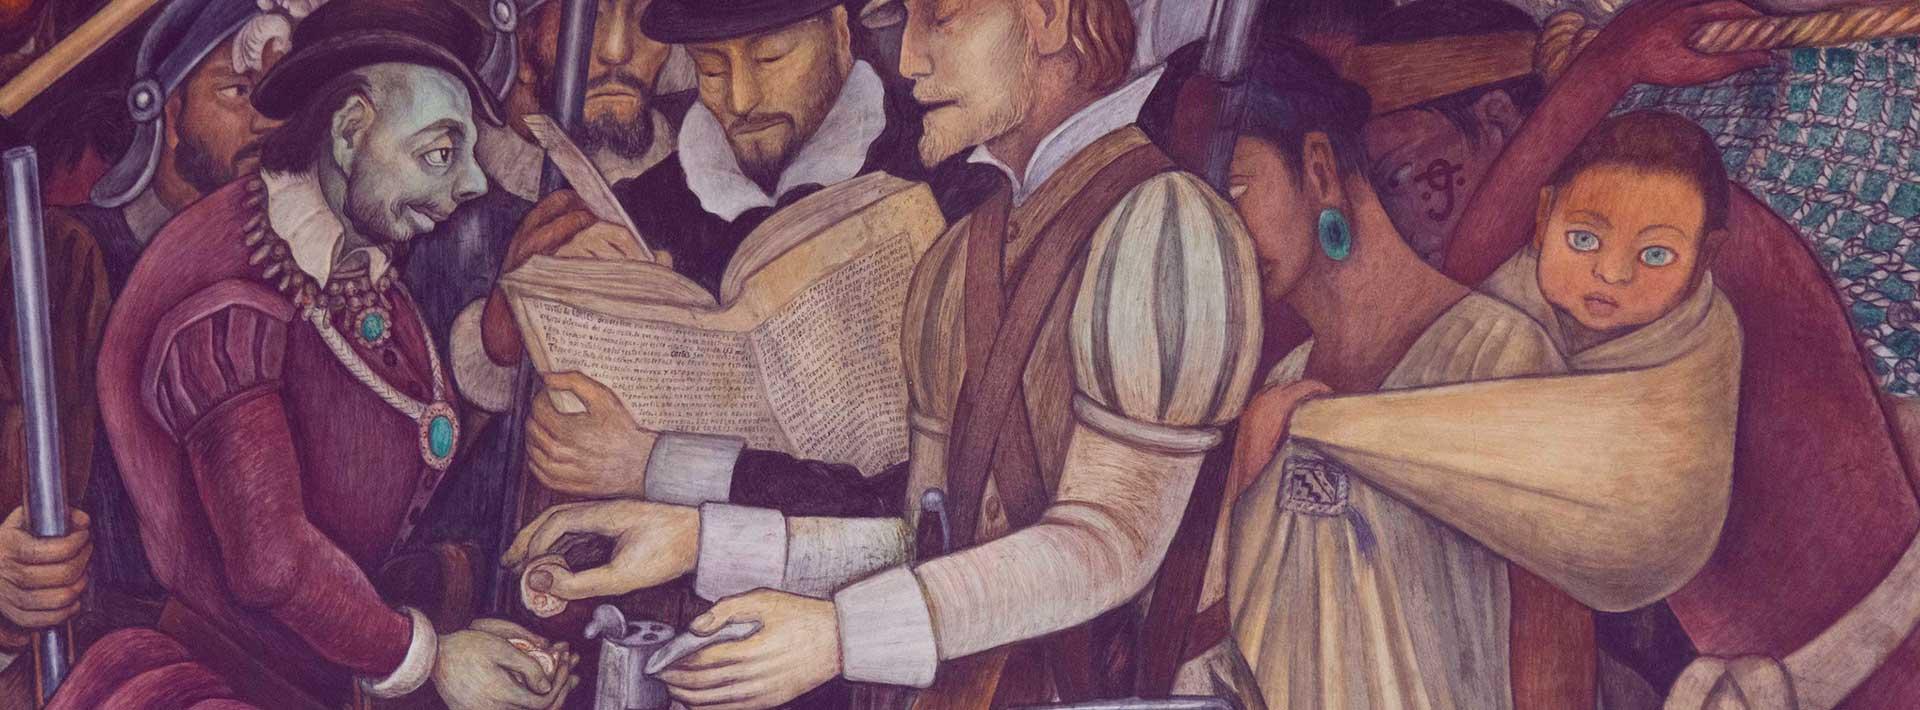 El sentido de la conquista según Chimalpain Cuauhtlehuanitzin y Fernando de Alva Ixtlilxóchitl